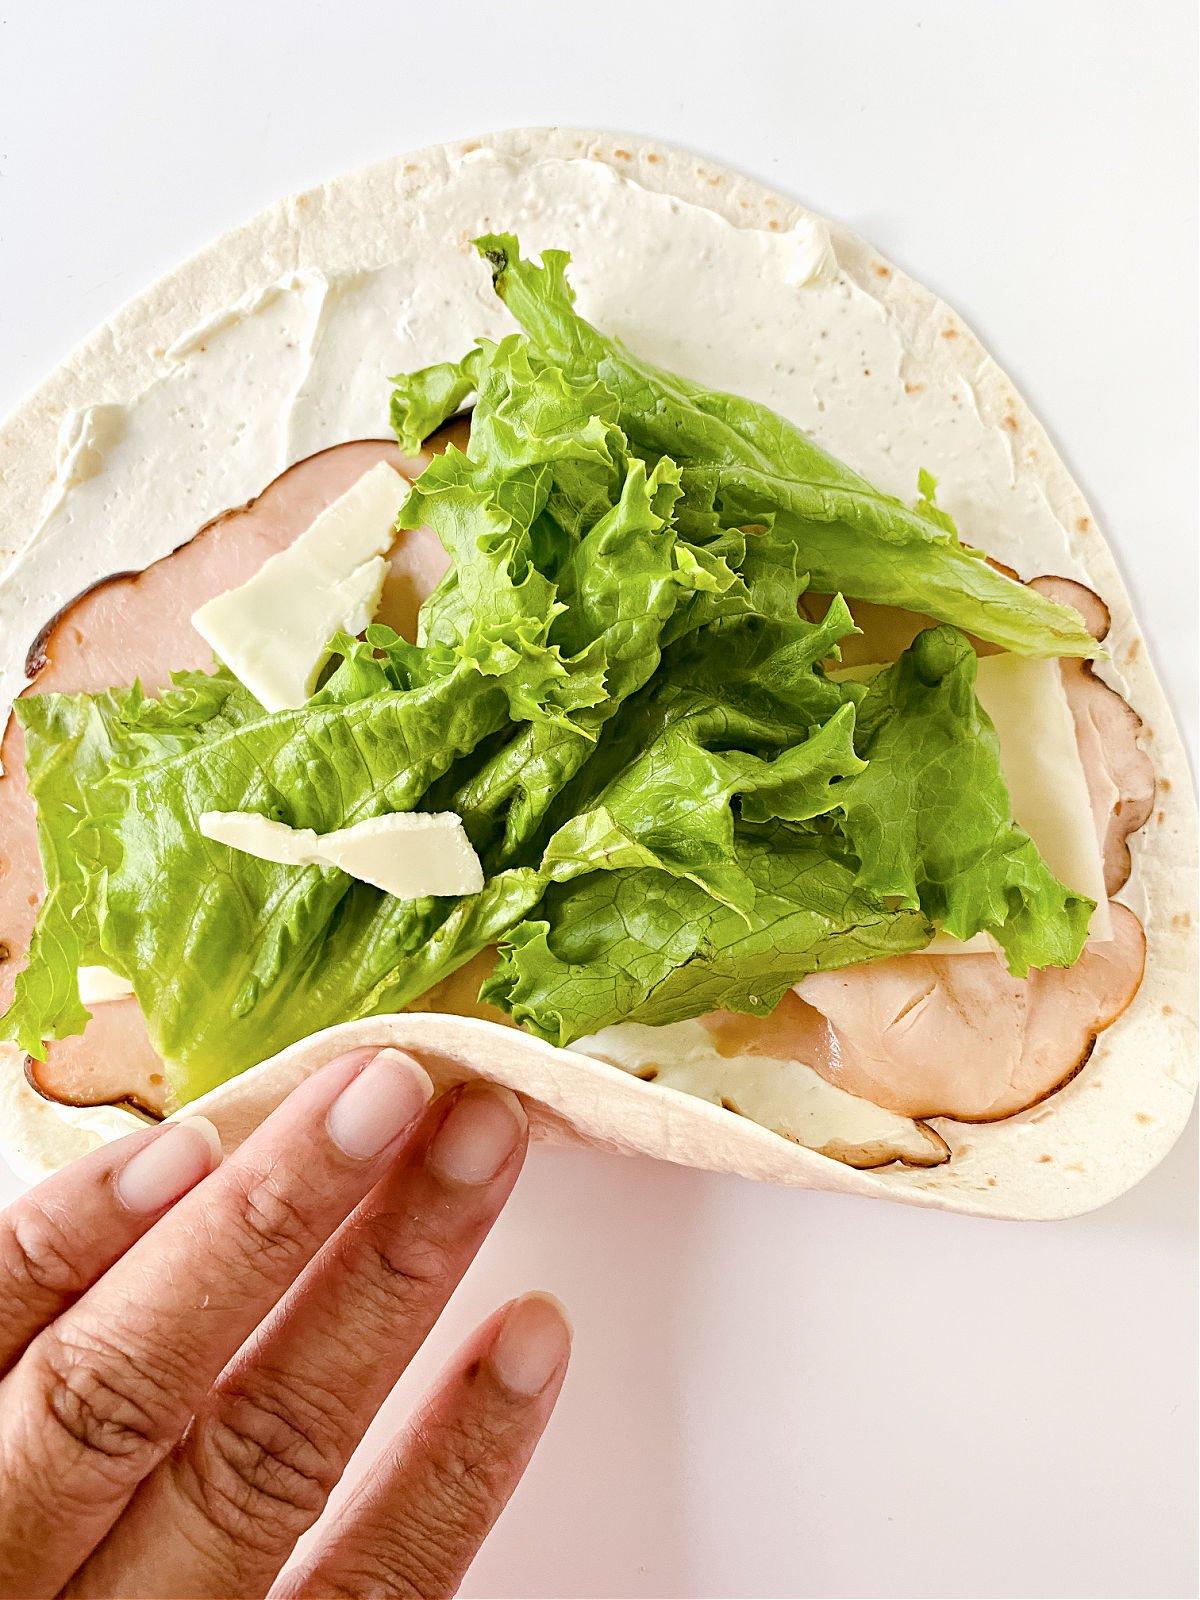 Woman's handing rolling up a flour tortilla sandwich.